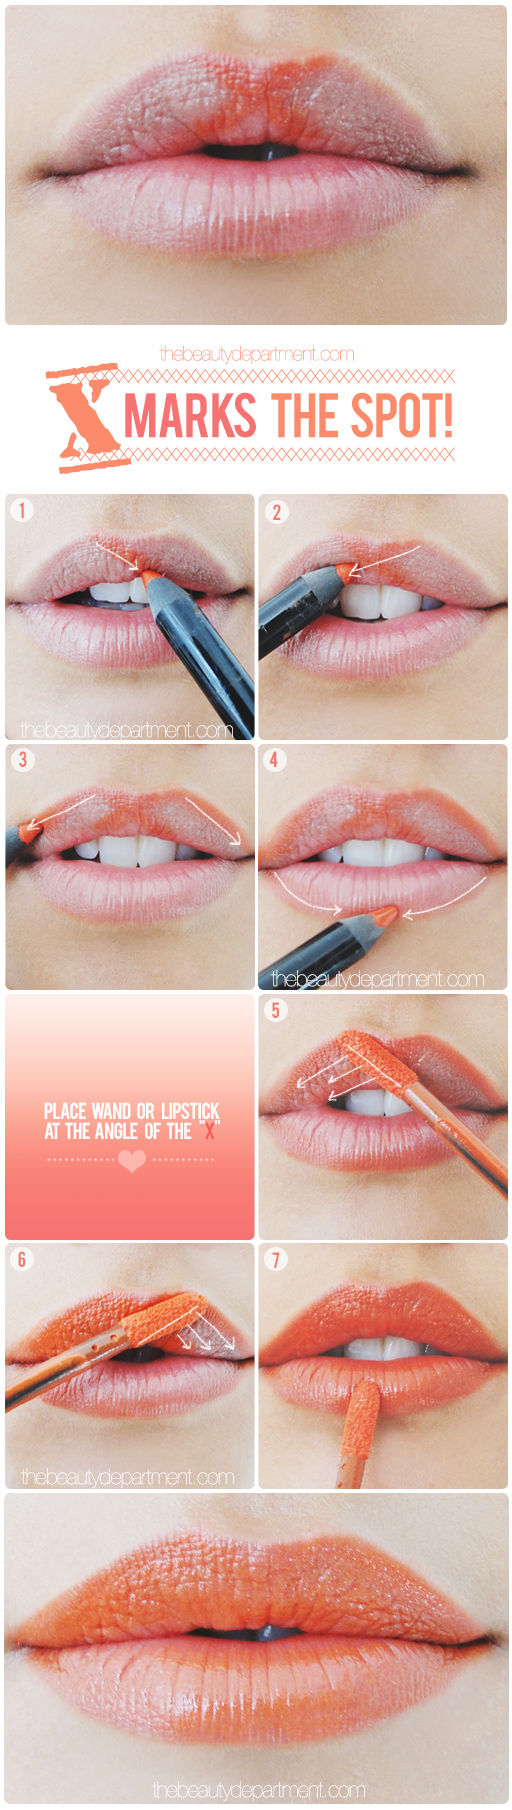 cupid bow lip trick